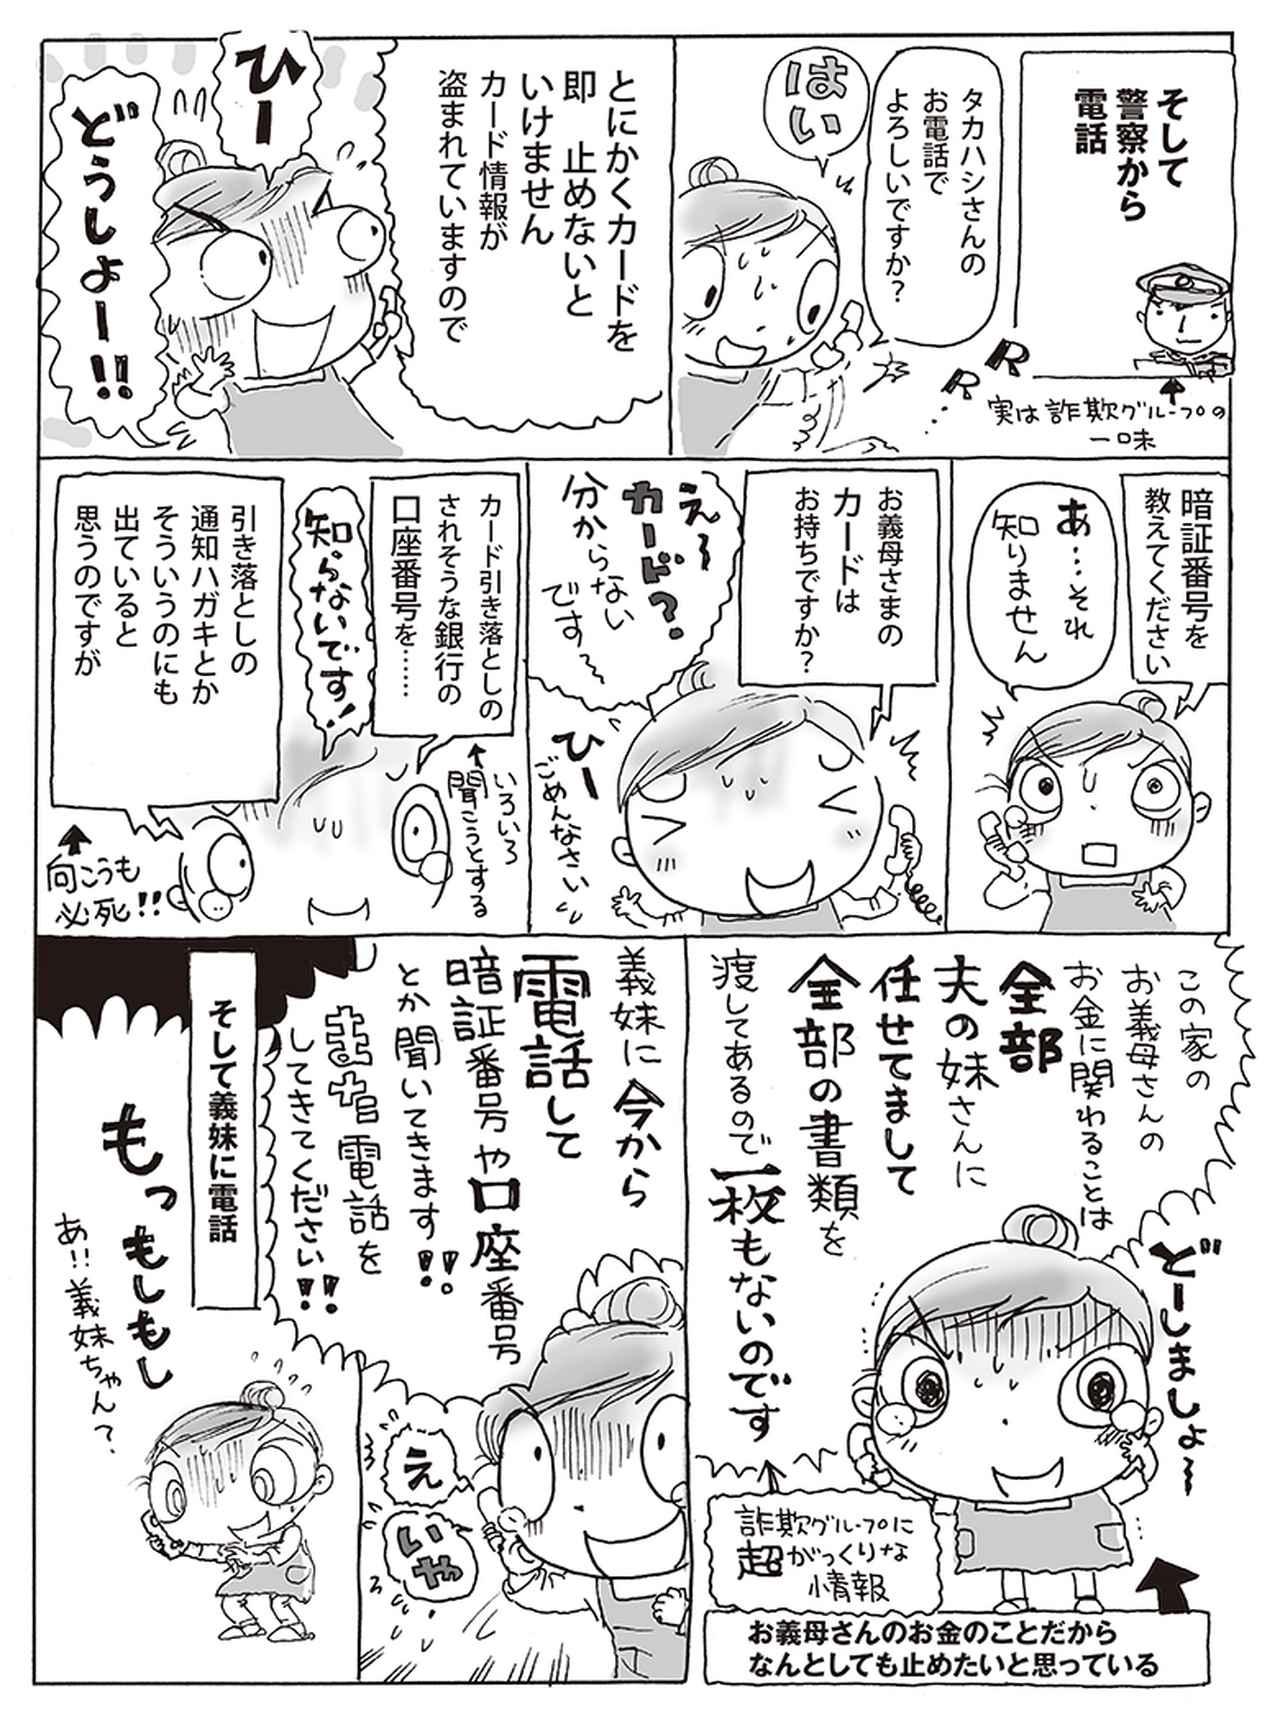 画像3: 【実録マンガ】 引っ掛かりかけたよ!ニセ電話詐欺!